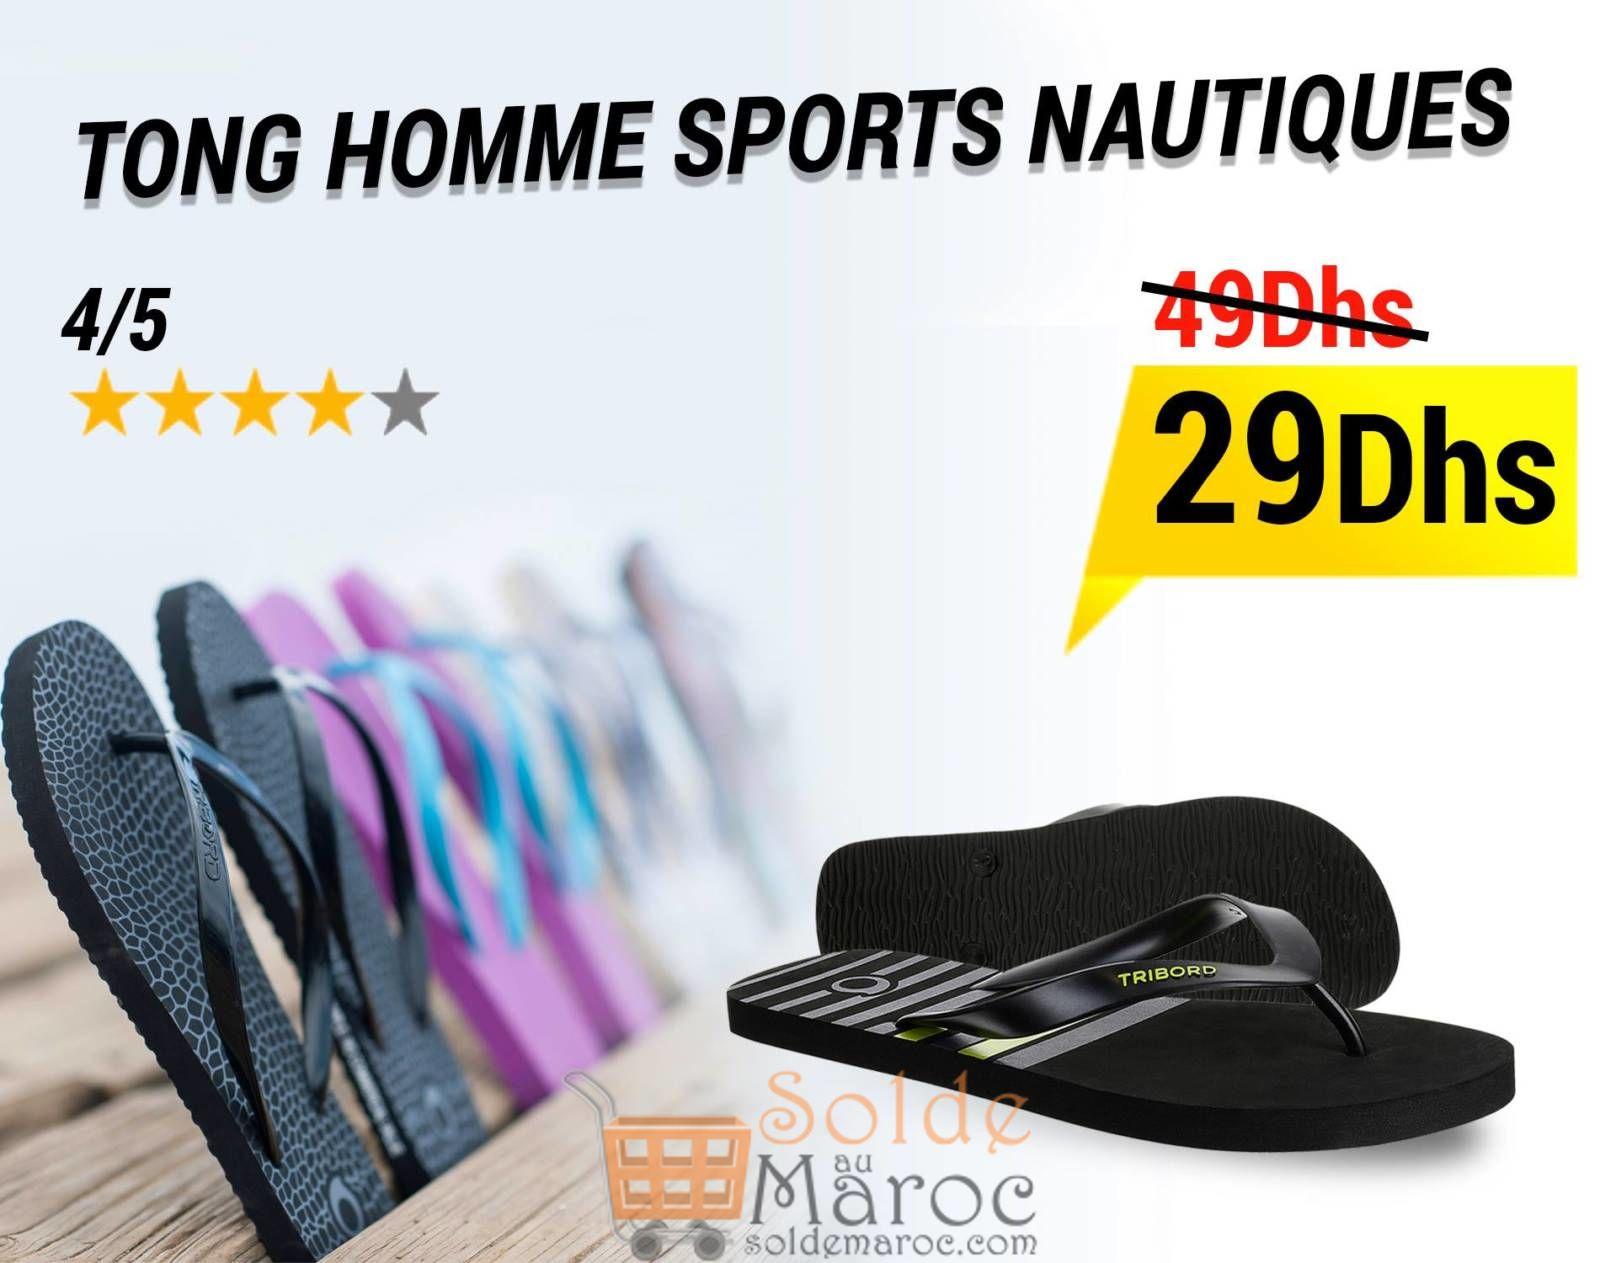 Promo Decathlon Maroc Tong Homme TO100S PRINT Line Vert 29Dhs au lieu de 49Dhs